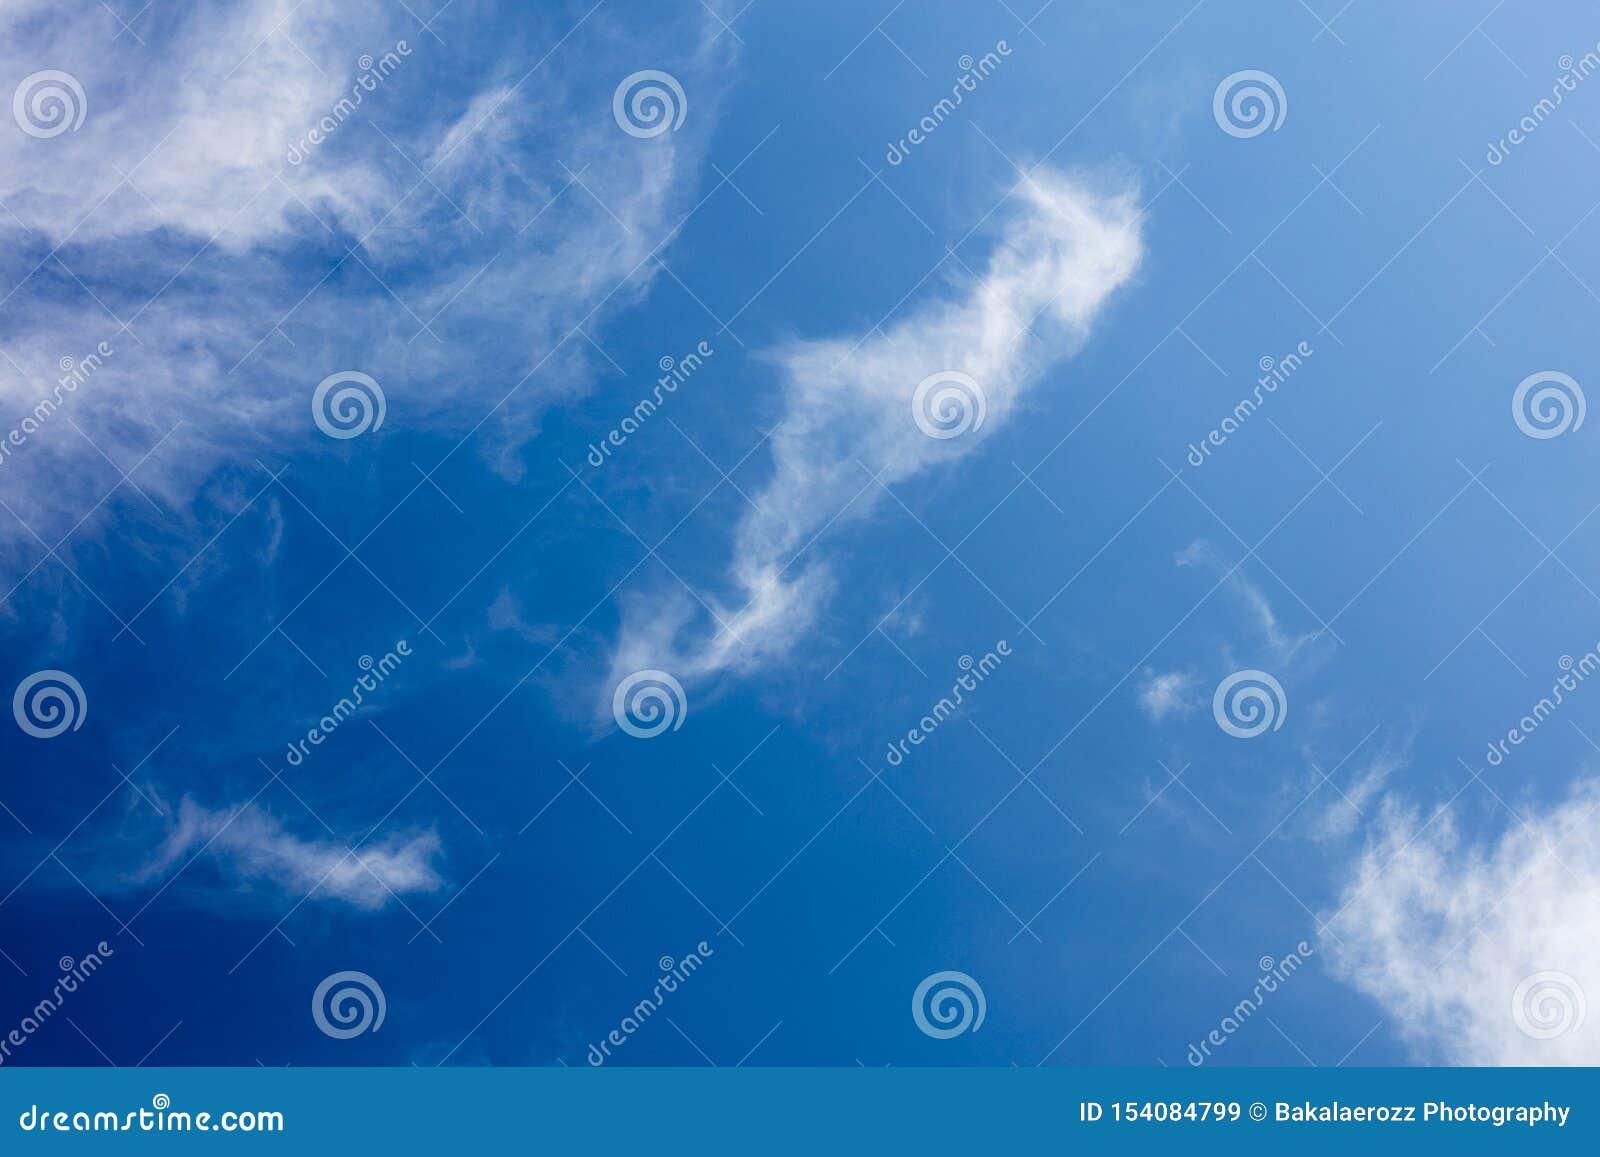 与云彩夏天心情背景美术的天空蔚蓝在优质印刷品产品五十megapixels